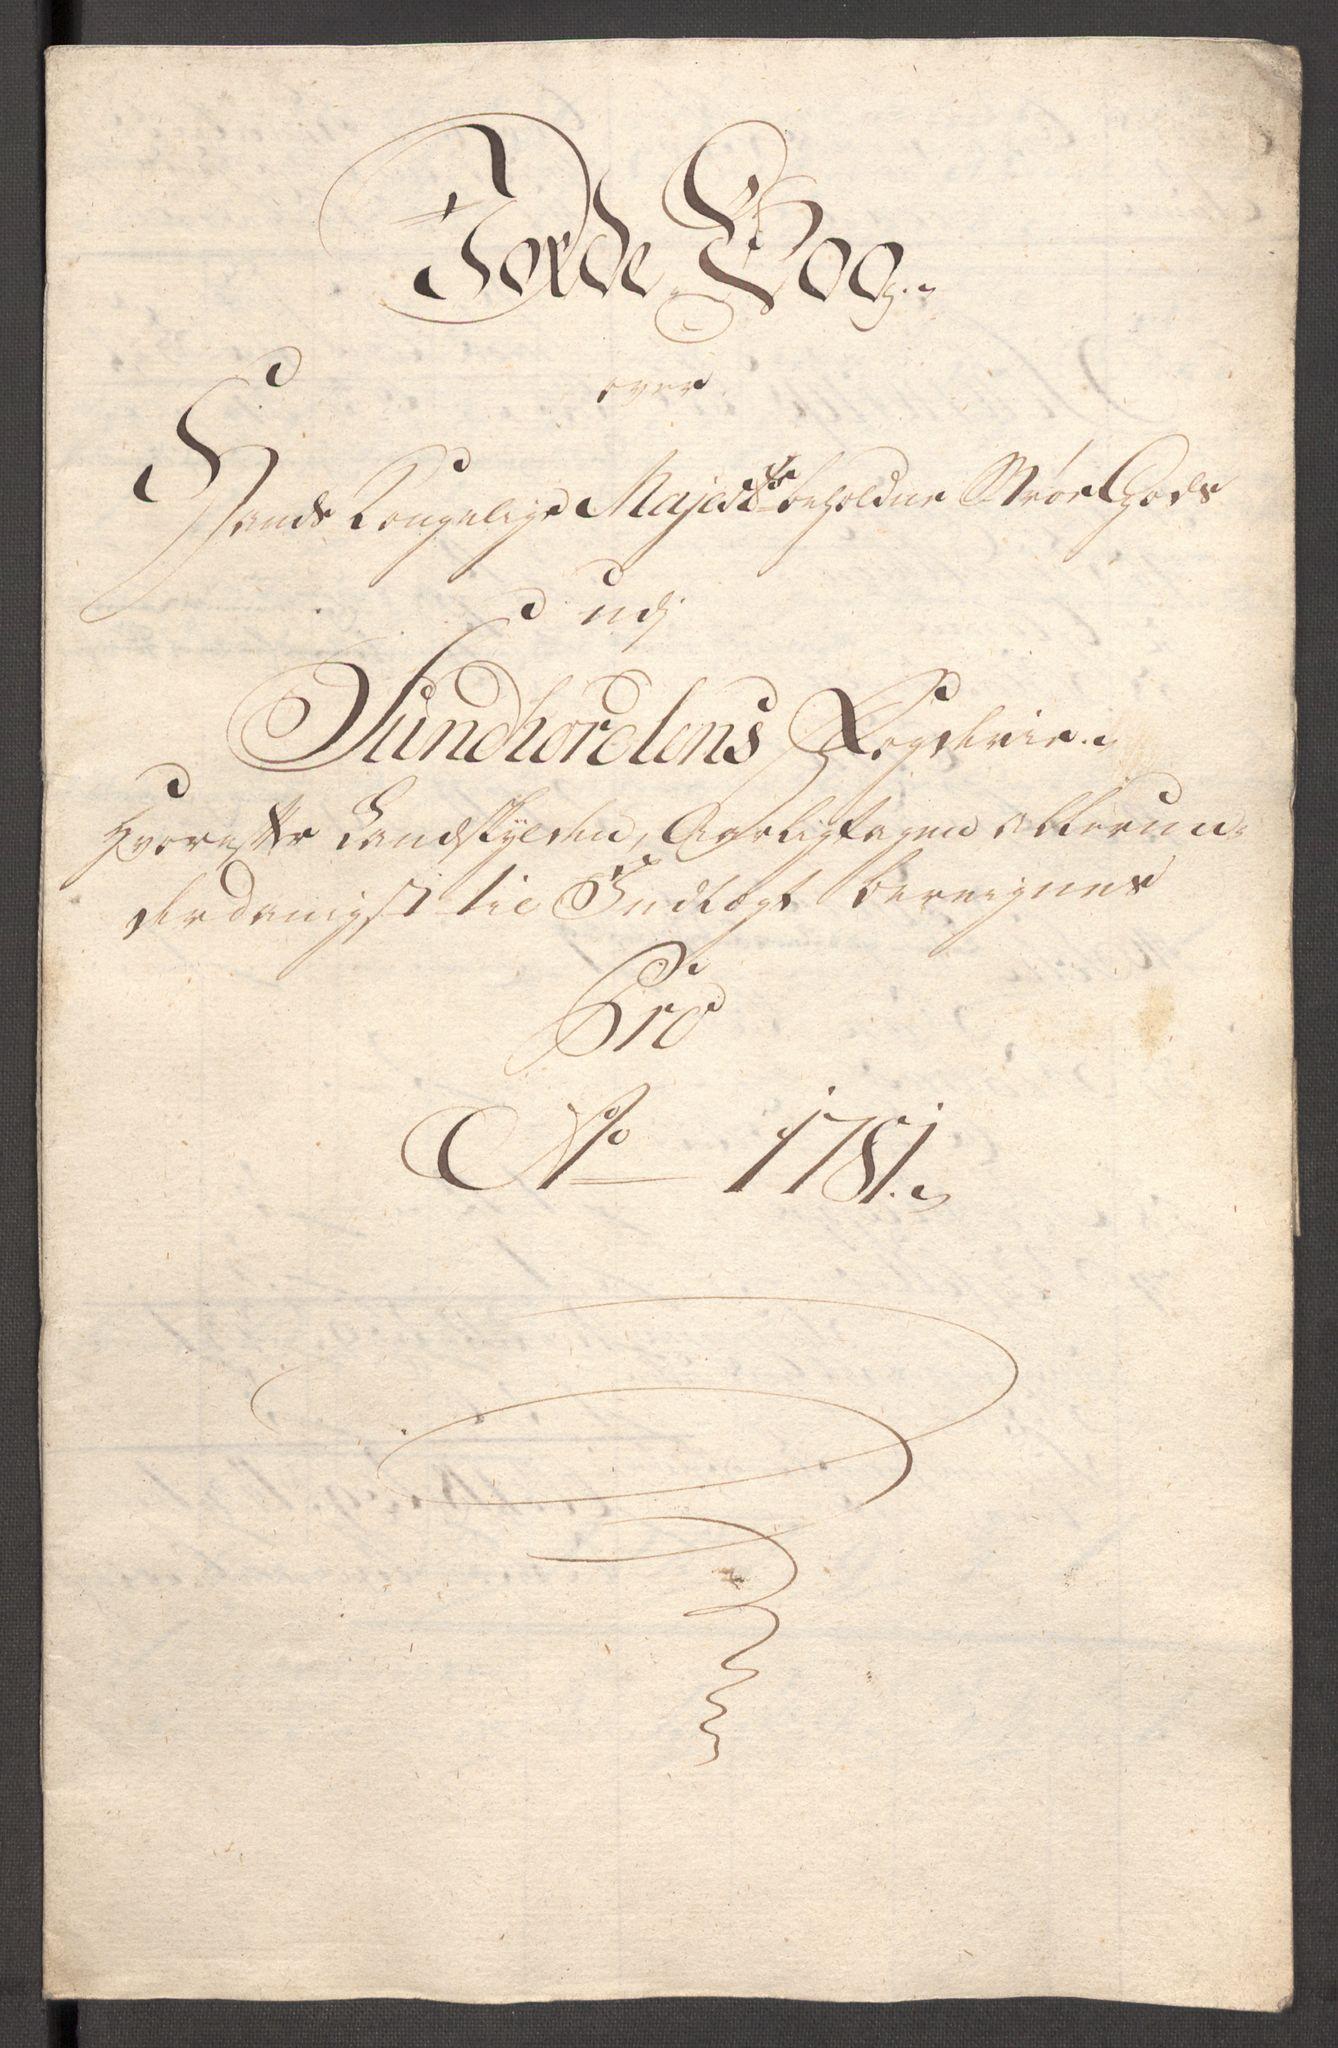 RA, Rentekammeret inntil 1814, Reviderte regnskaper, Fogderegnskap, R48/L3097: Fogderegnskap Sunnhordland og Hardanger, 1781, s. 105